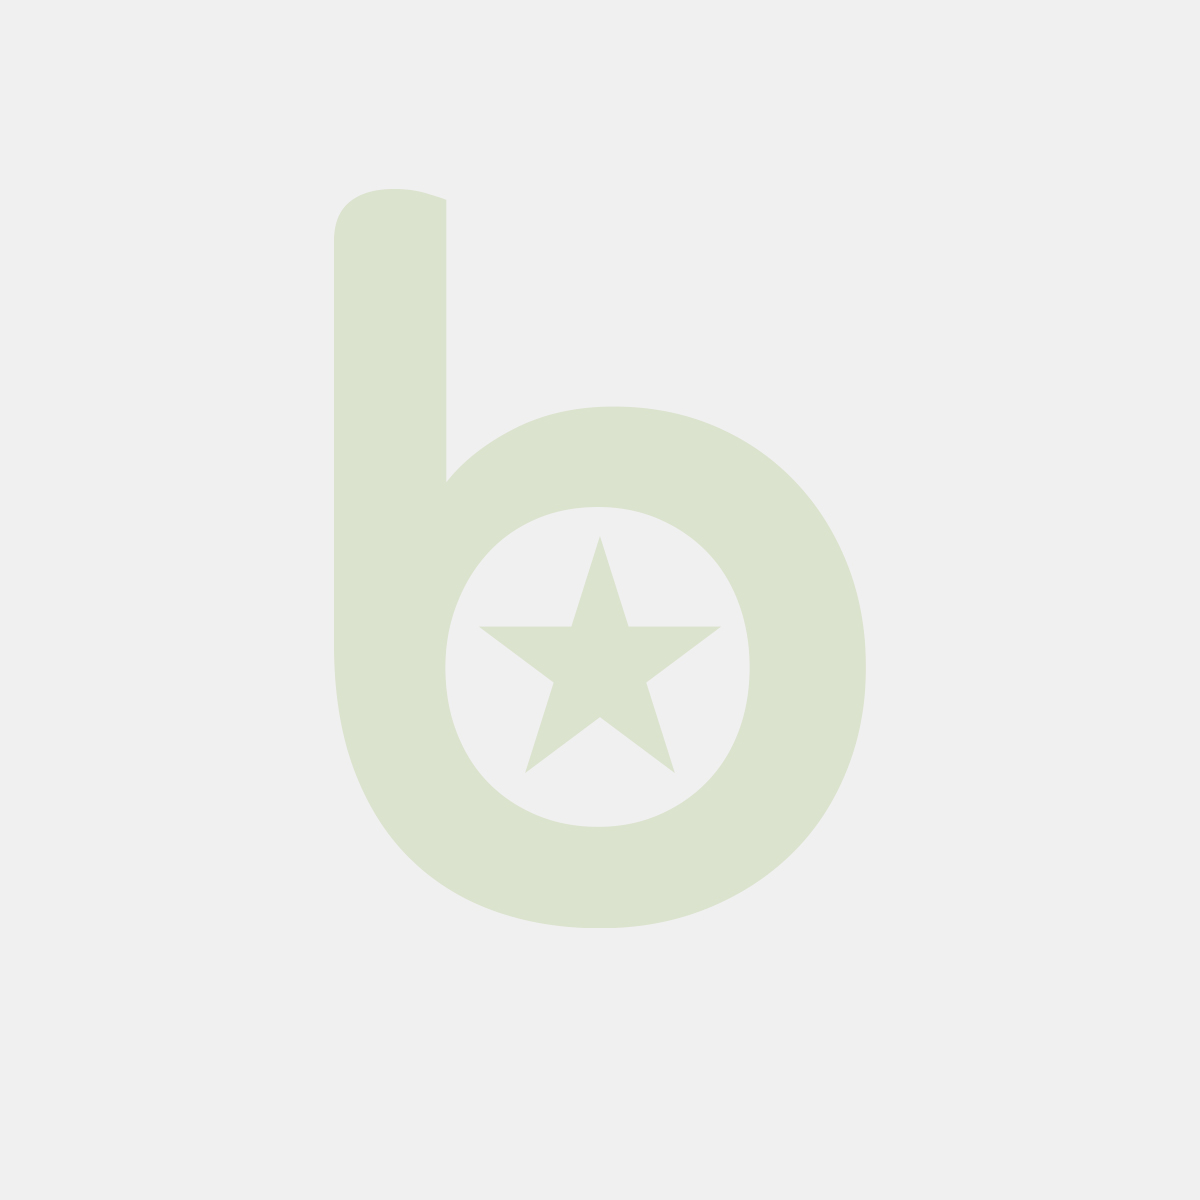 Pojemnik obiadowy do zgrzewu D9420, trójdzielny, czarny, 227x178x50, cena za opakowanie 40szt